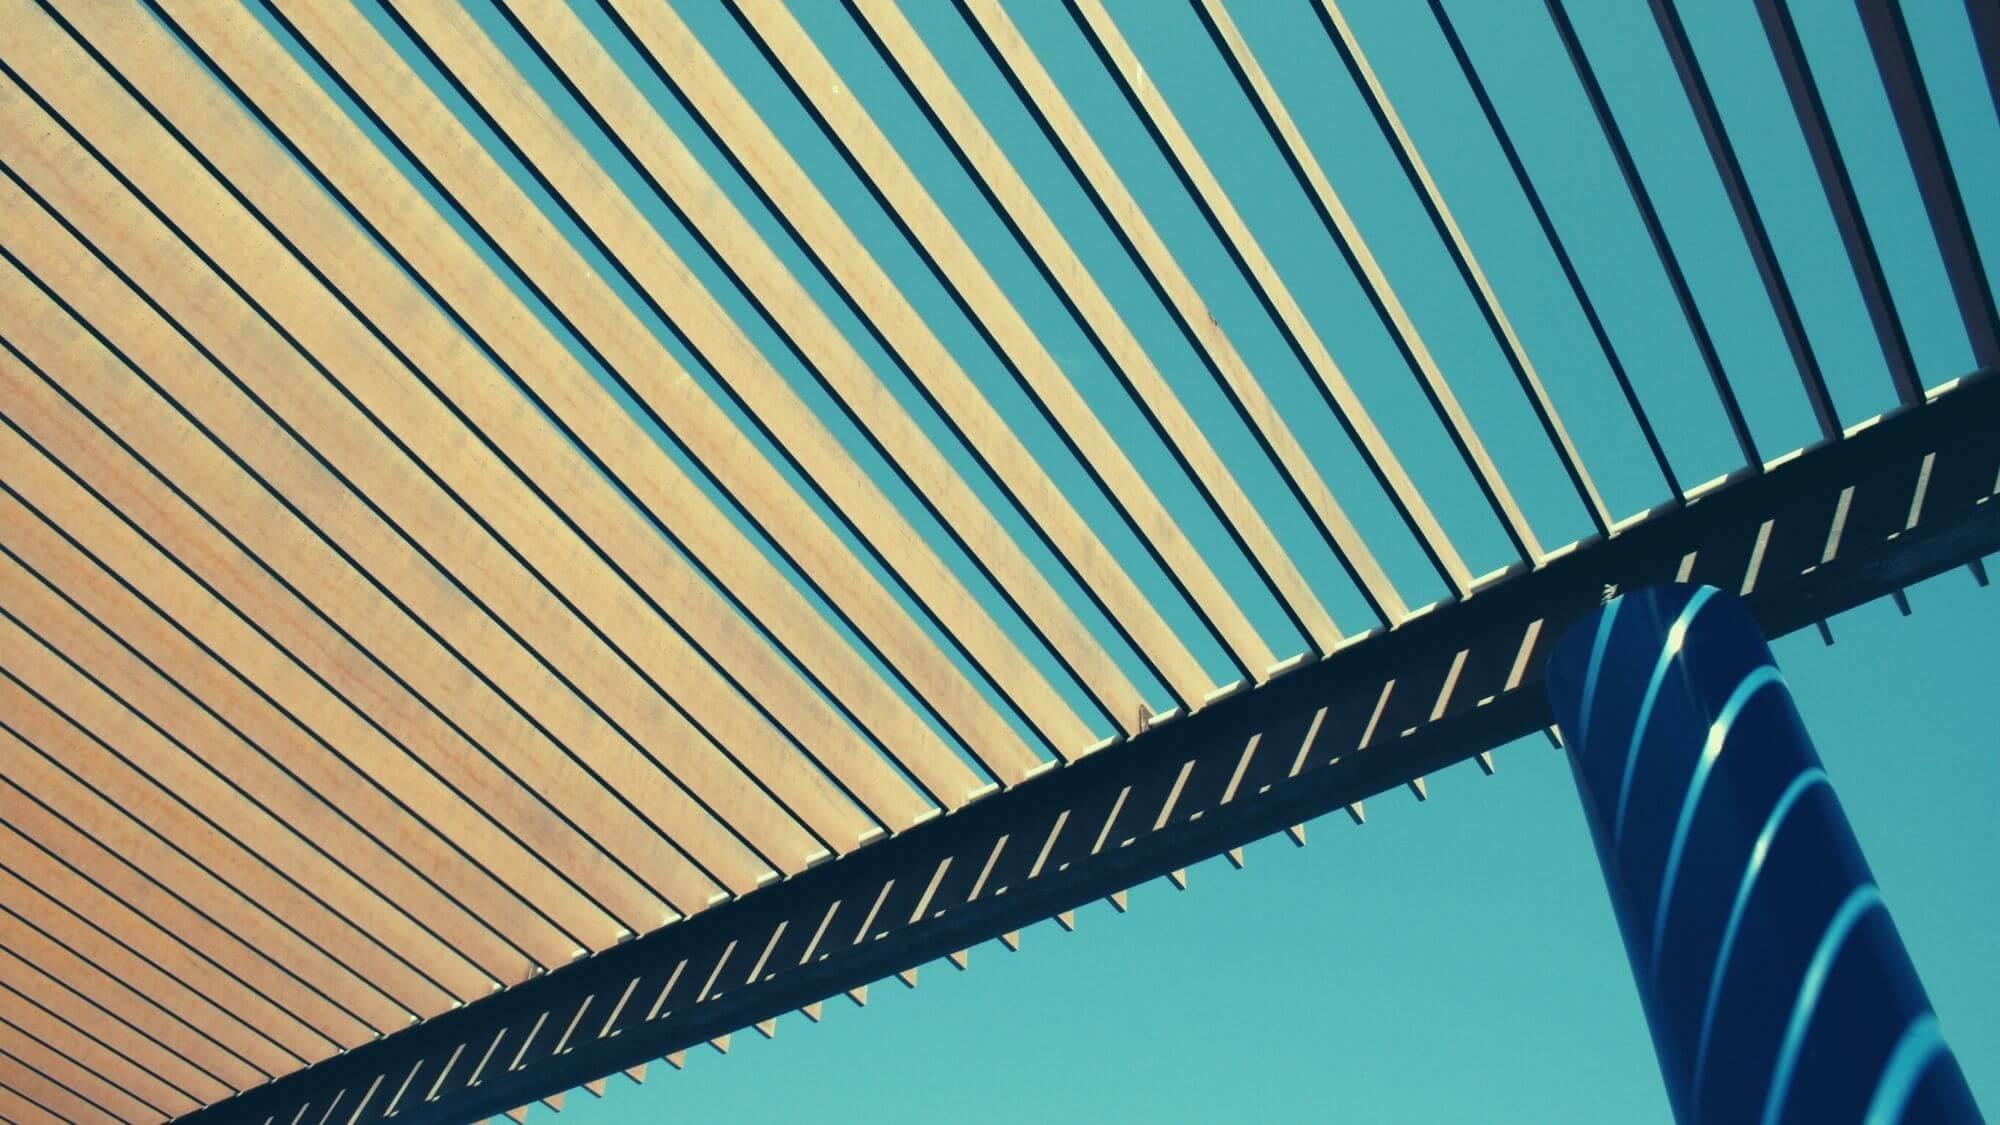 פרגולות קלות בבית המשותף – אין צורך בהיתר בנייה